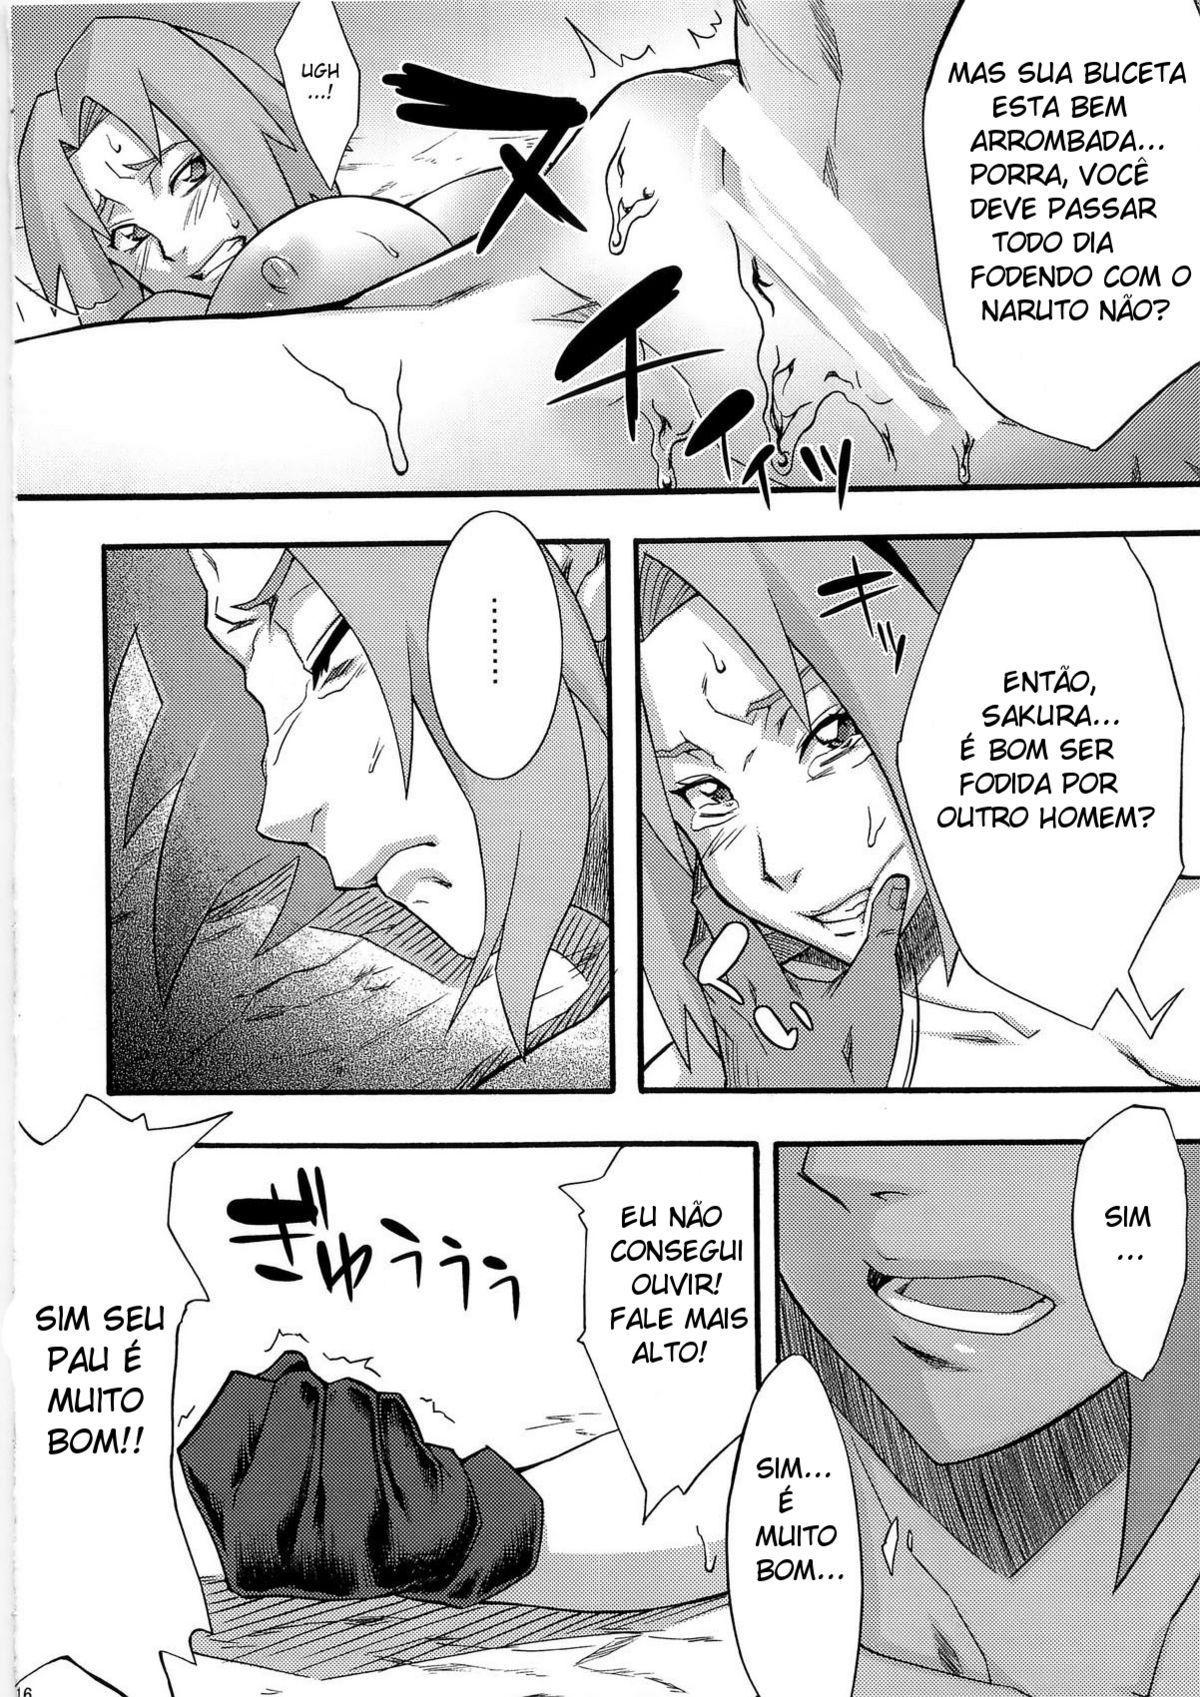 Sakura-é-uma-cadela-dando-pro-Sasuke-13